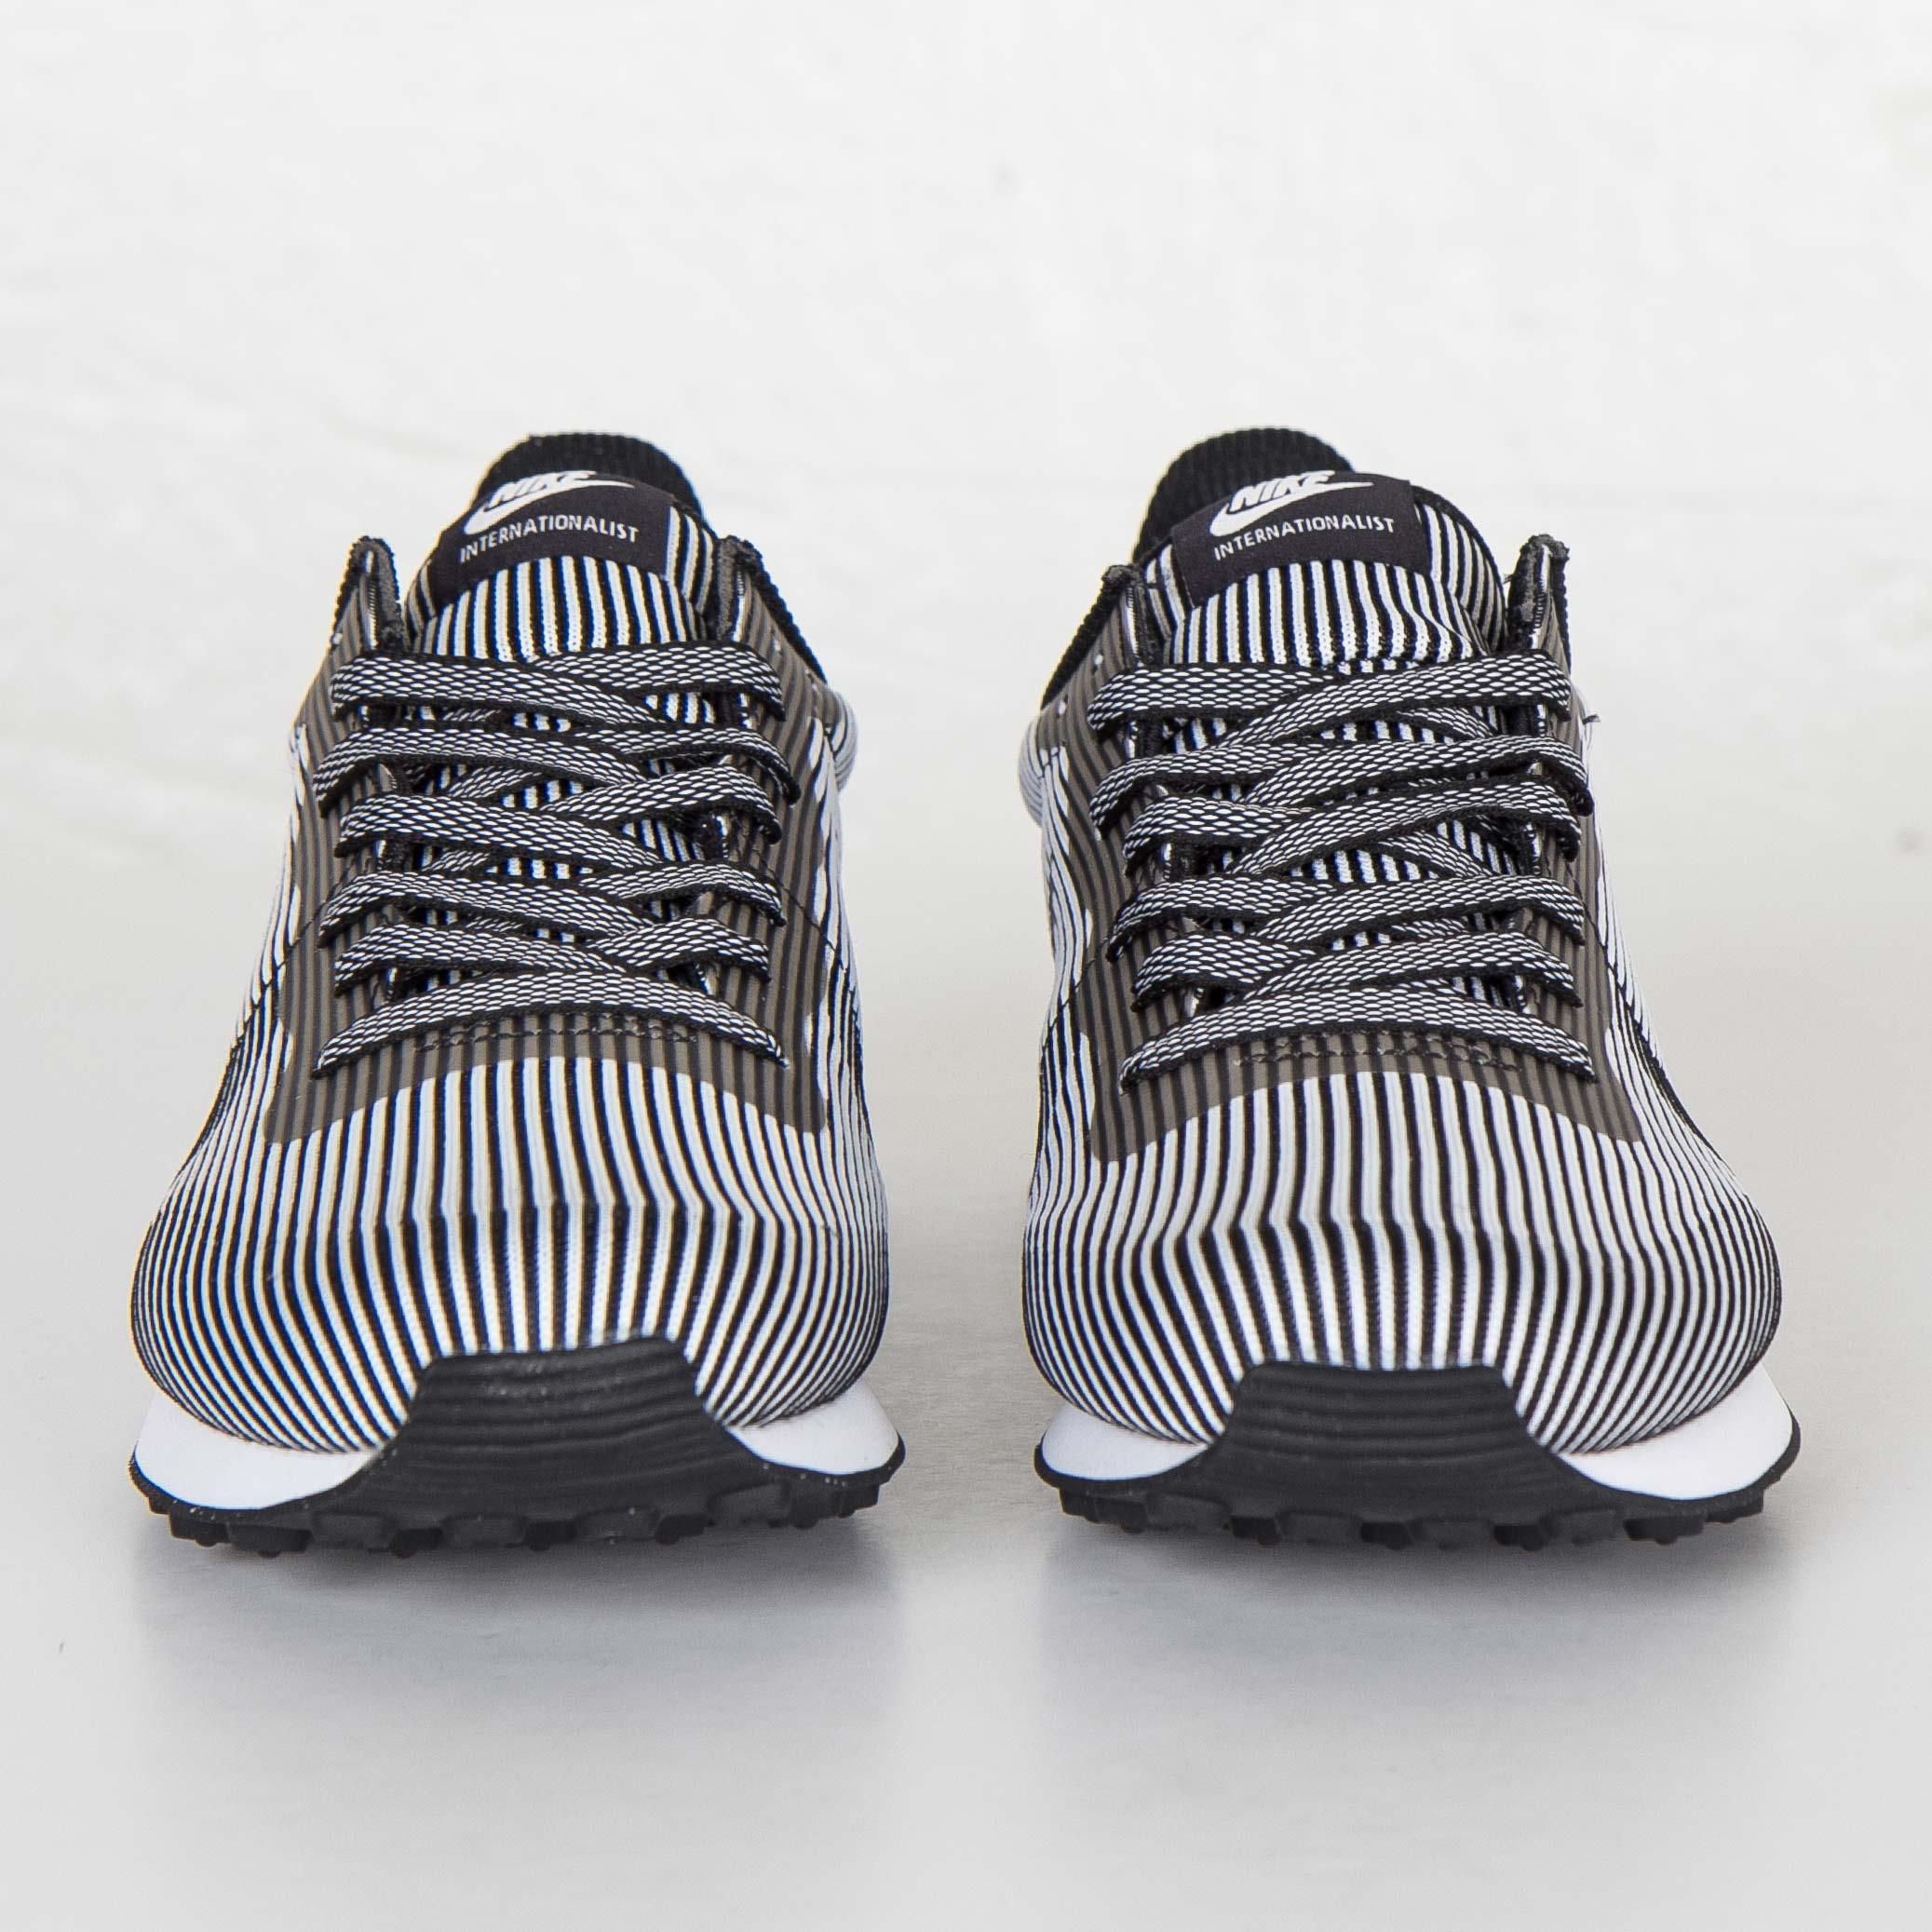 sports shoes 38c87 2daca Nike Internationalist Knit Jacquard - 829344-001 - Sneakersnstuff    sneakers   streetwear online since 1999